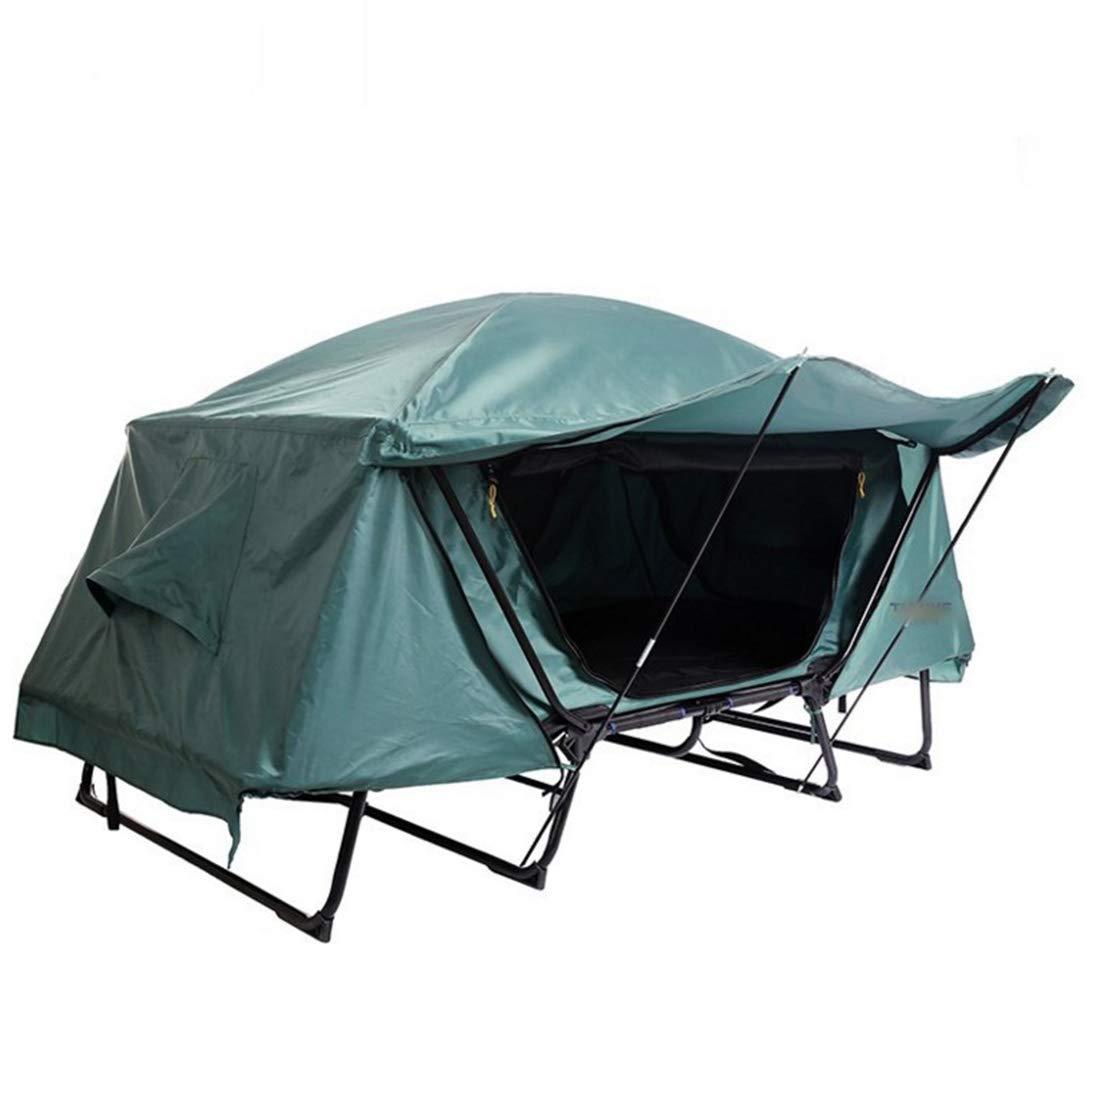 CAFUTY 多機能シングルテントベッド防水コールドアウトドアレジャー折りたたみ釣り車トップグランドテント (Color : オレンジ, サイズ : 1P) 1P オレンジ B07MNJ6VB7